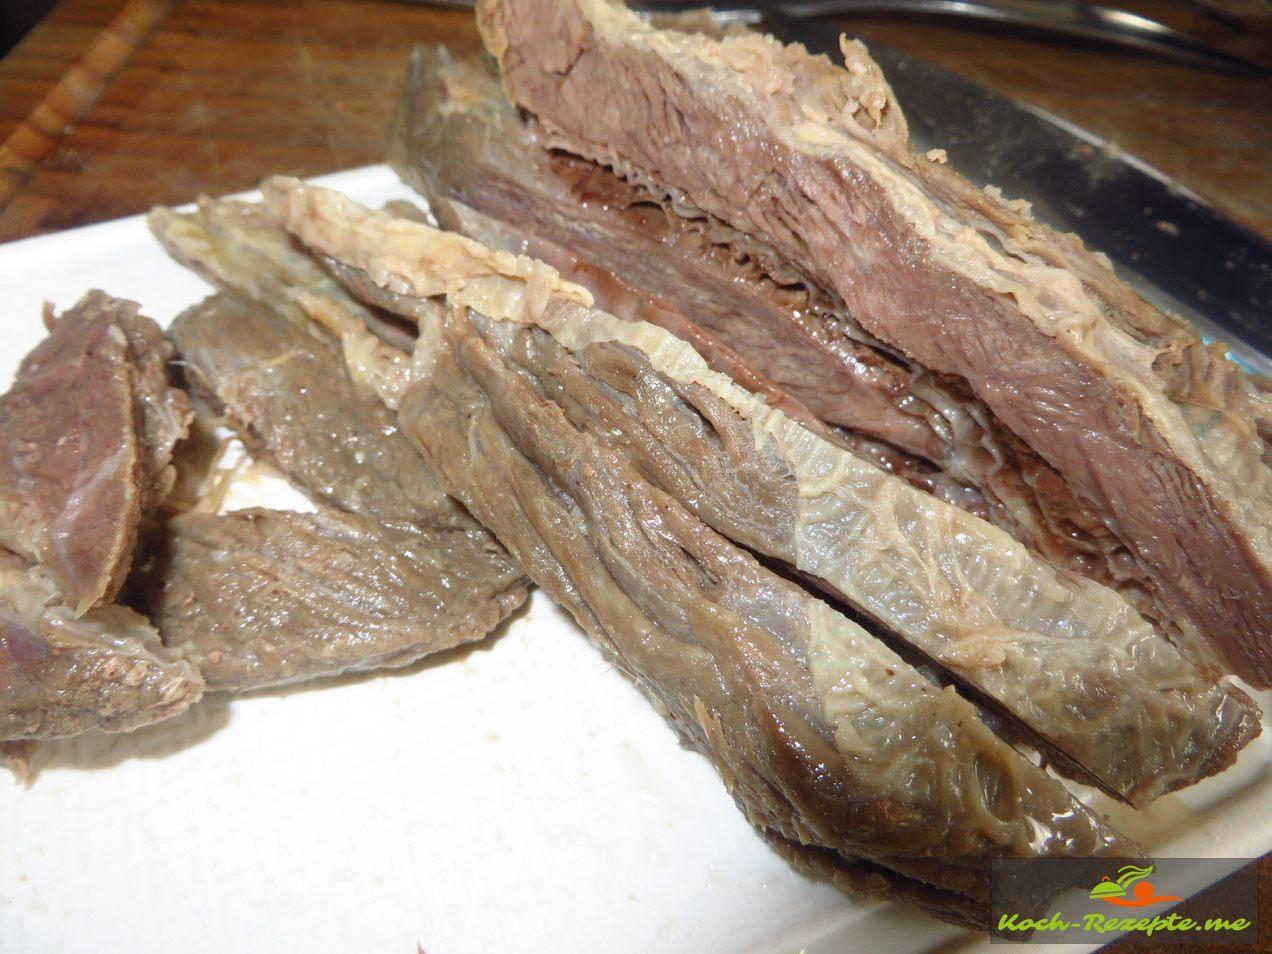 Fleisch aus denr Brühe nehmen und in Scheiben schneiden, dann die Brühe würzen mit Salz und Safran